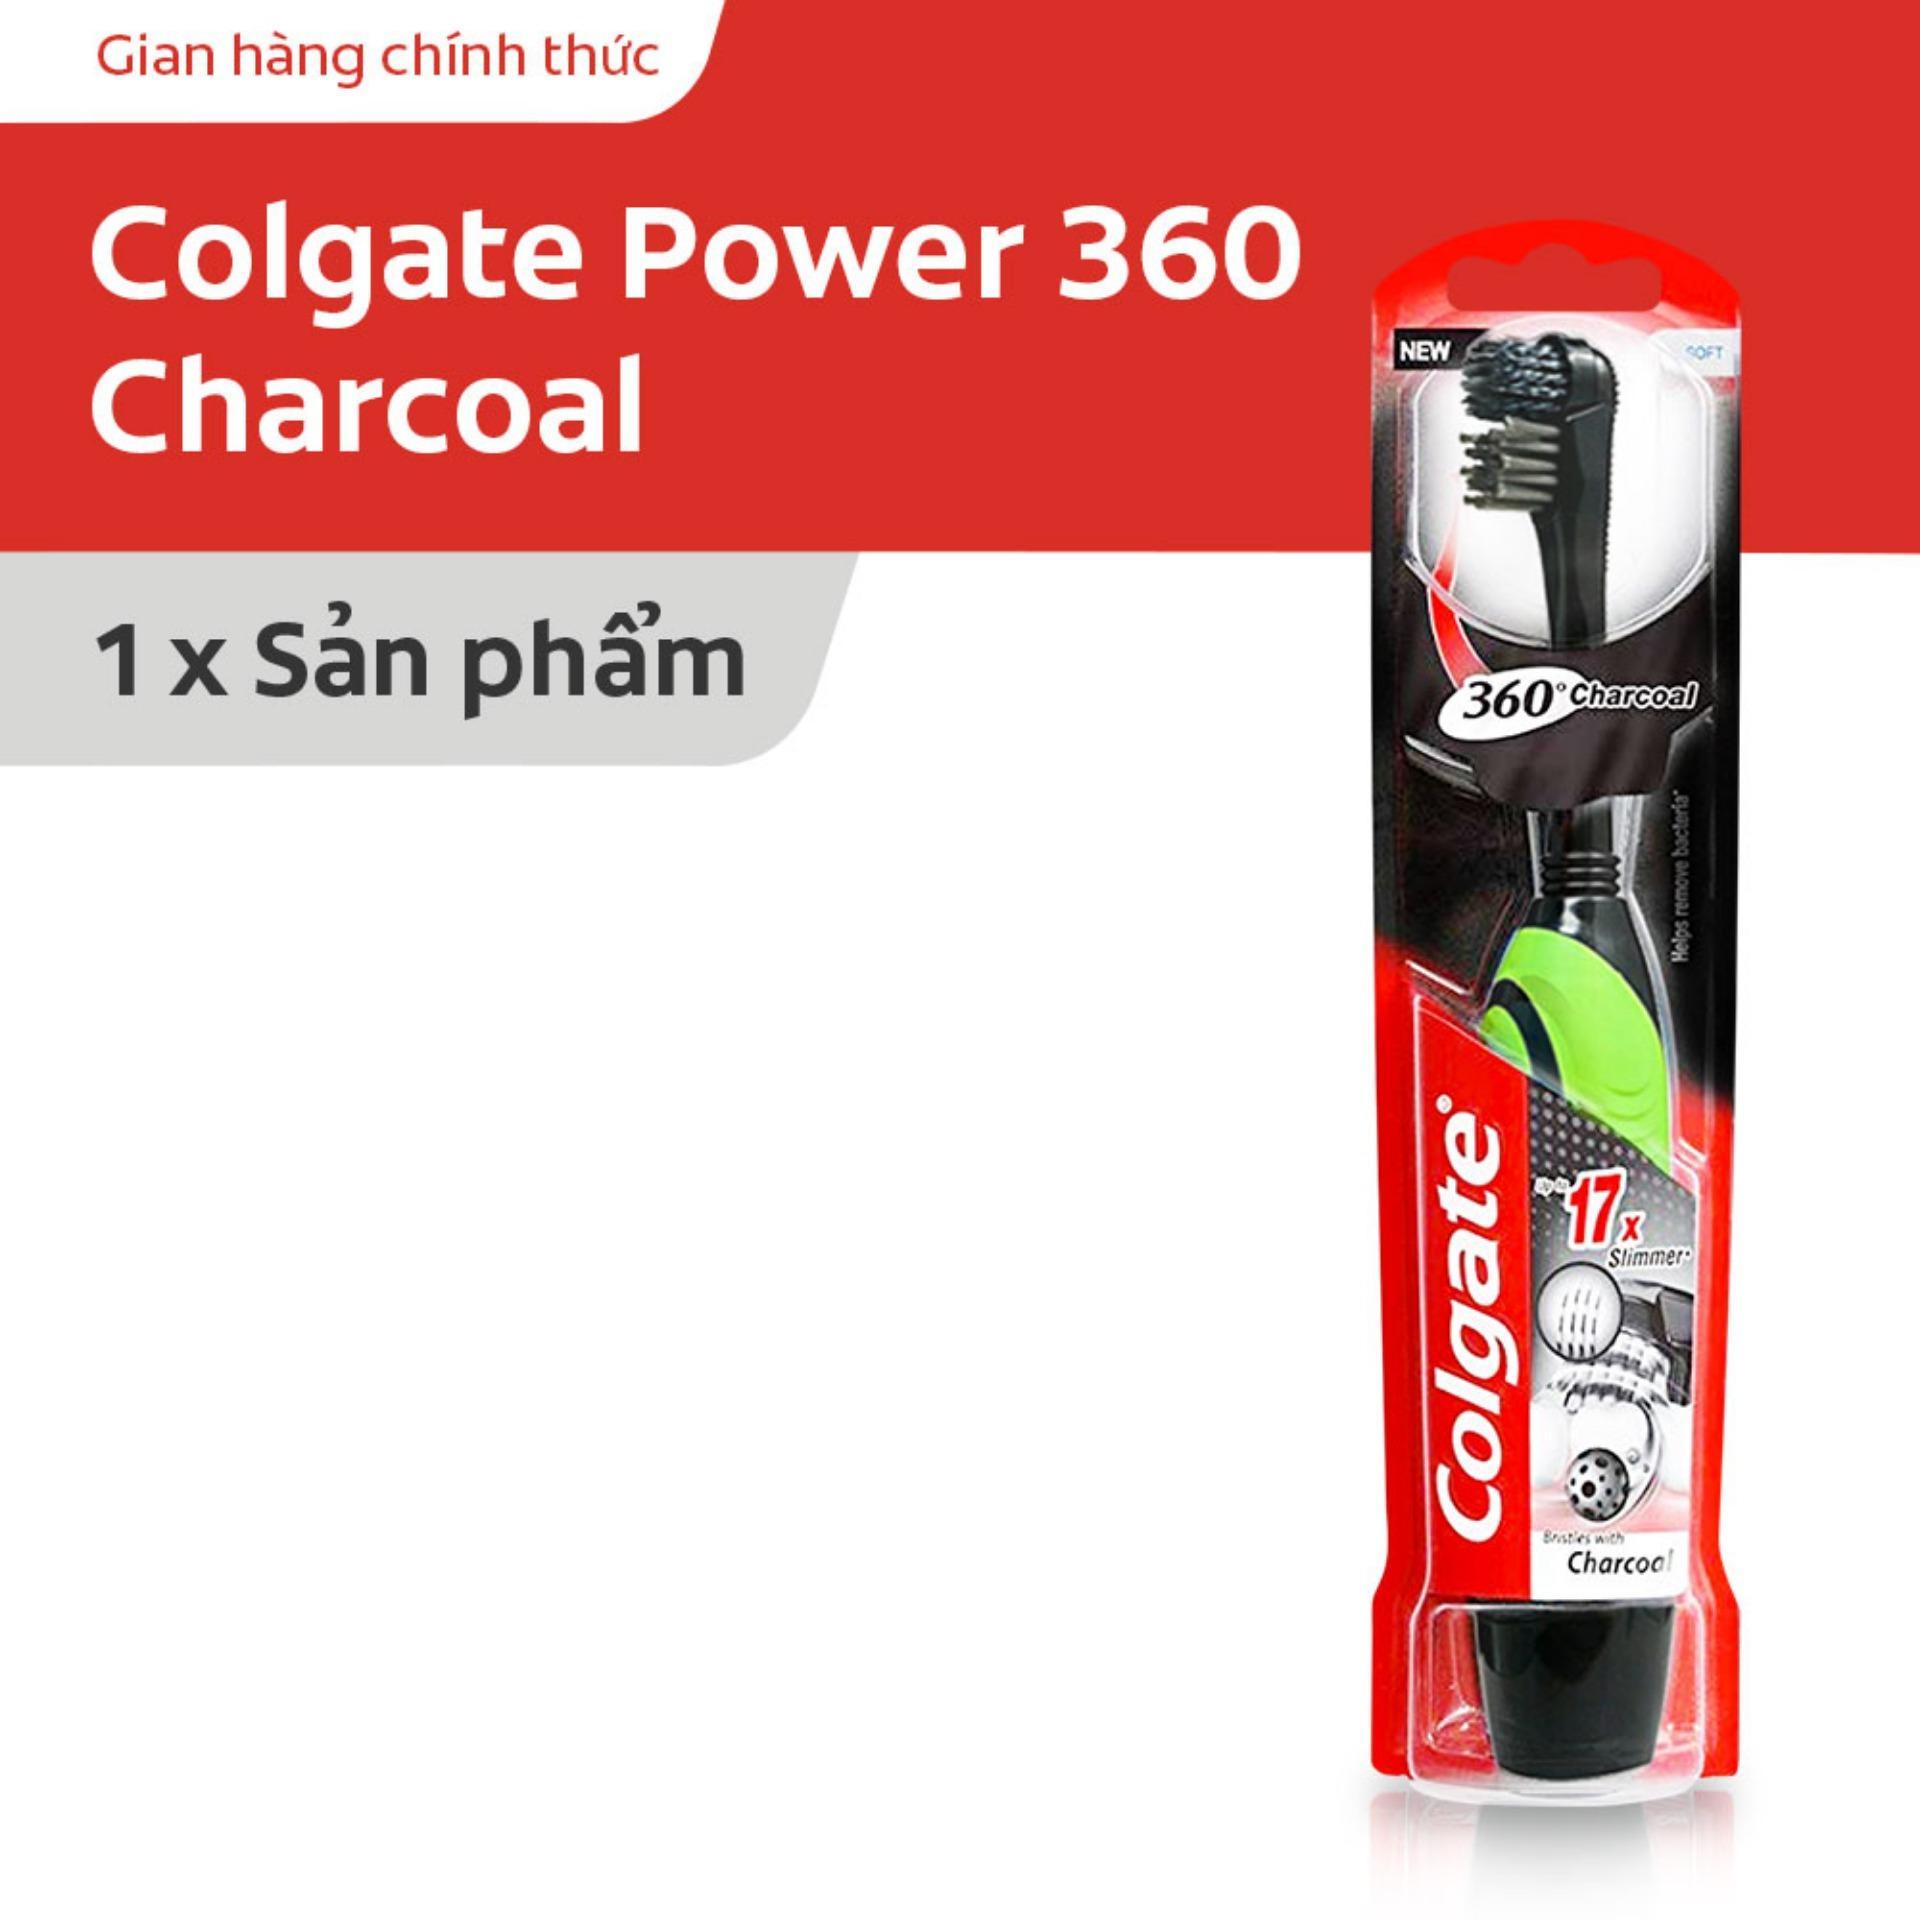 Bàn chải dùng pin Colgate 360 độ Charcoal than hoạt tính